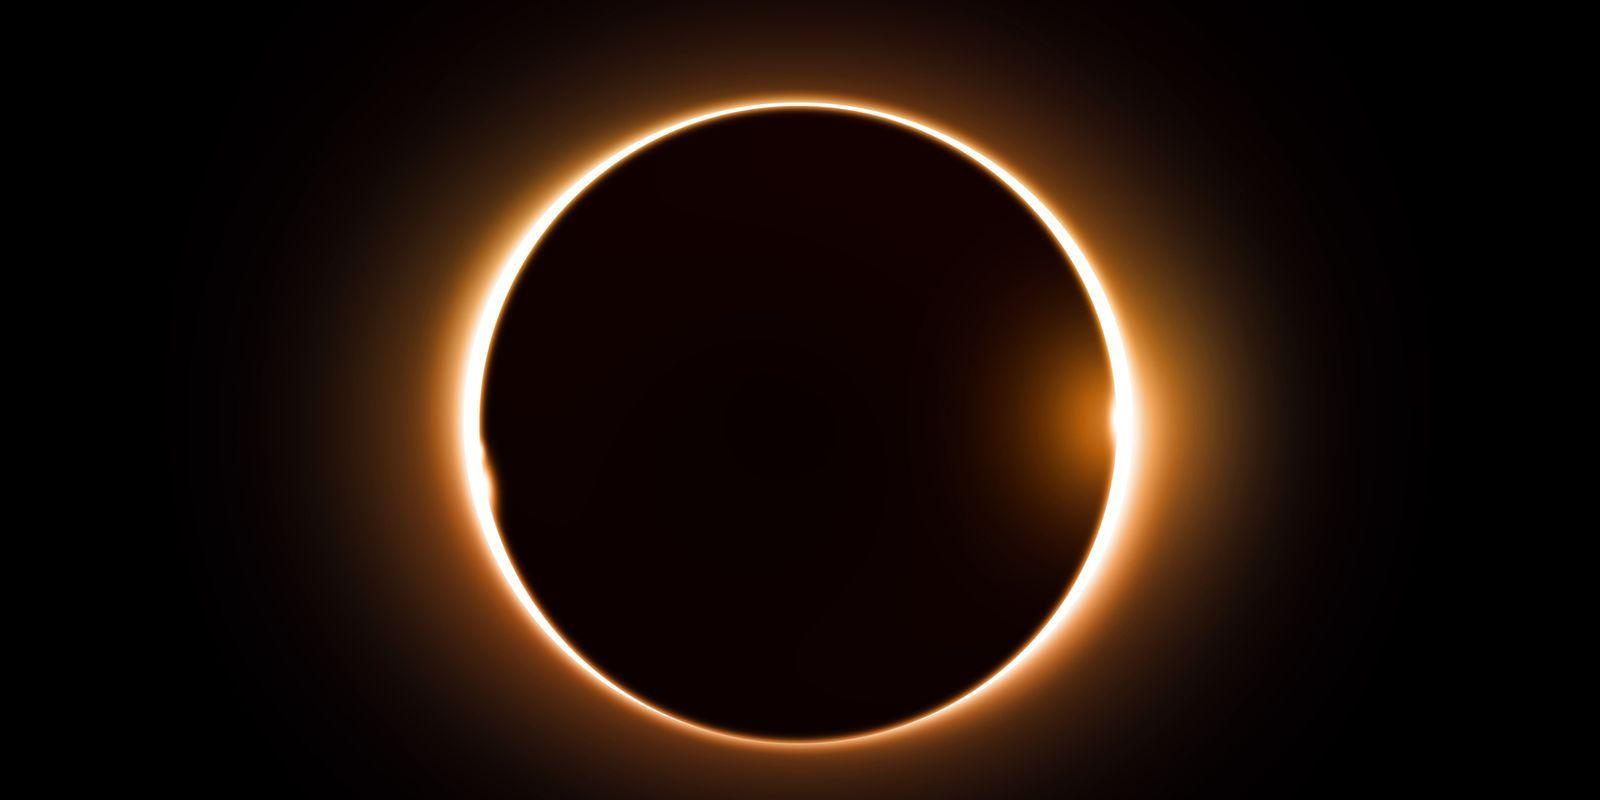 Солнечное затмение 11 августа отправит вас на встречу мечте